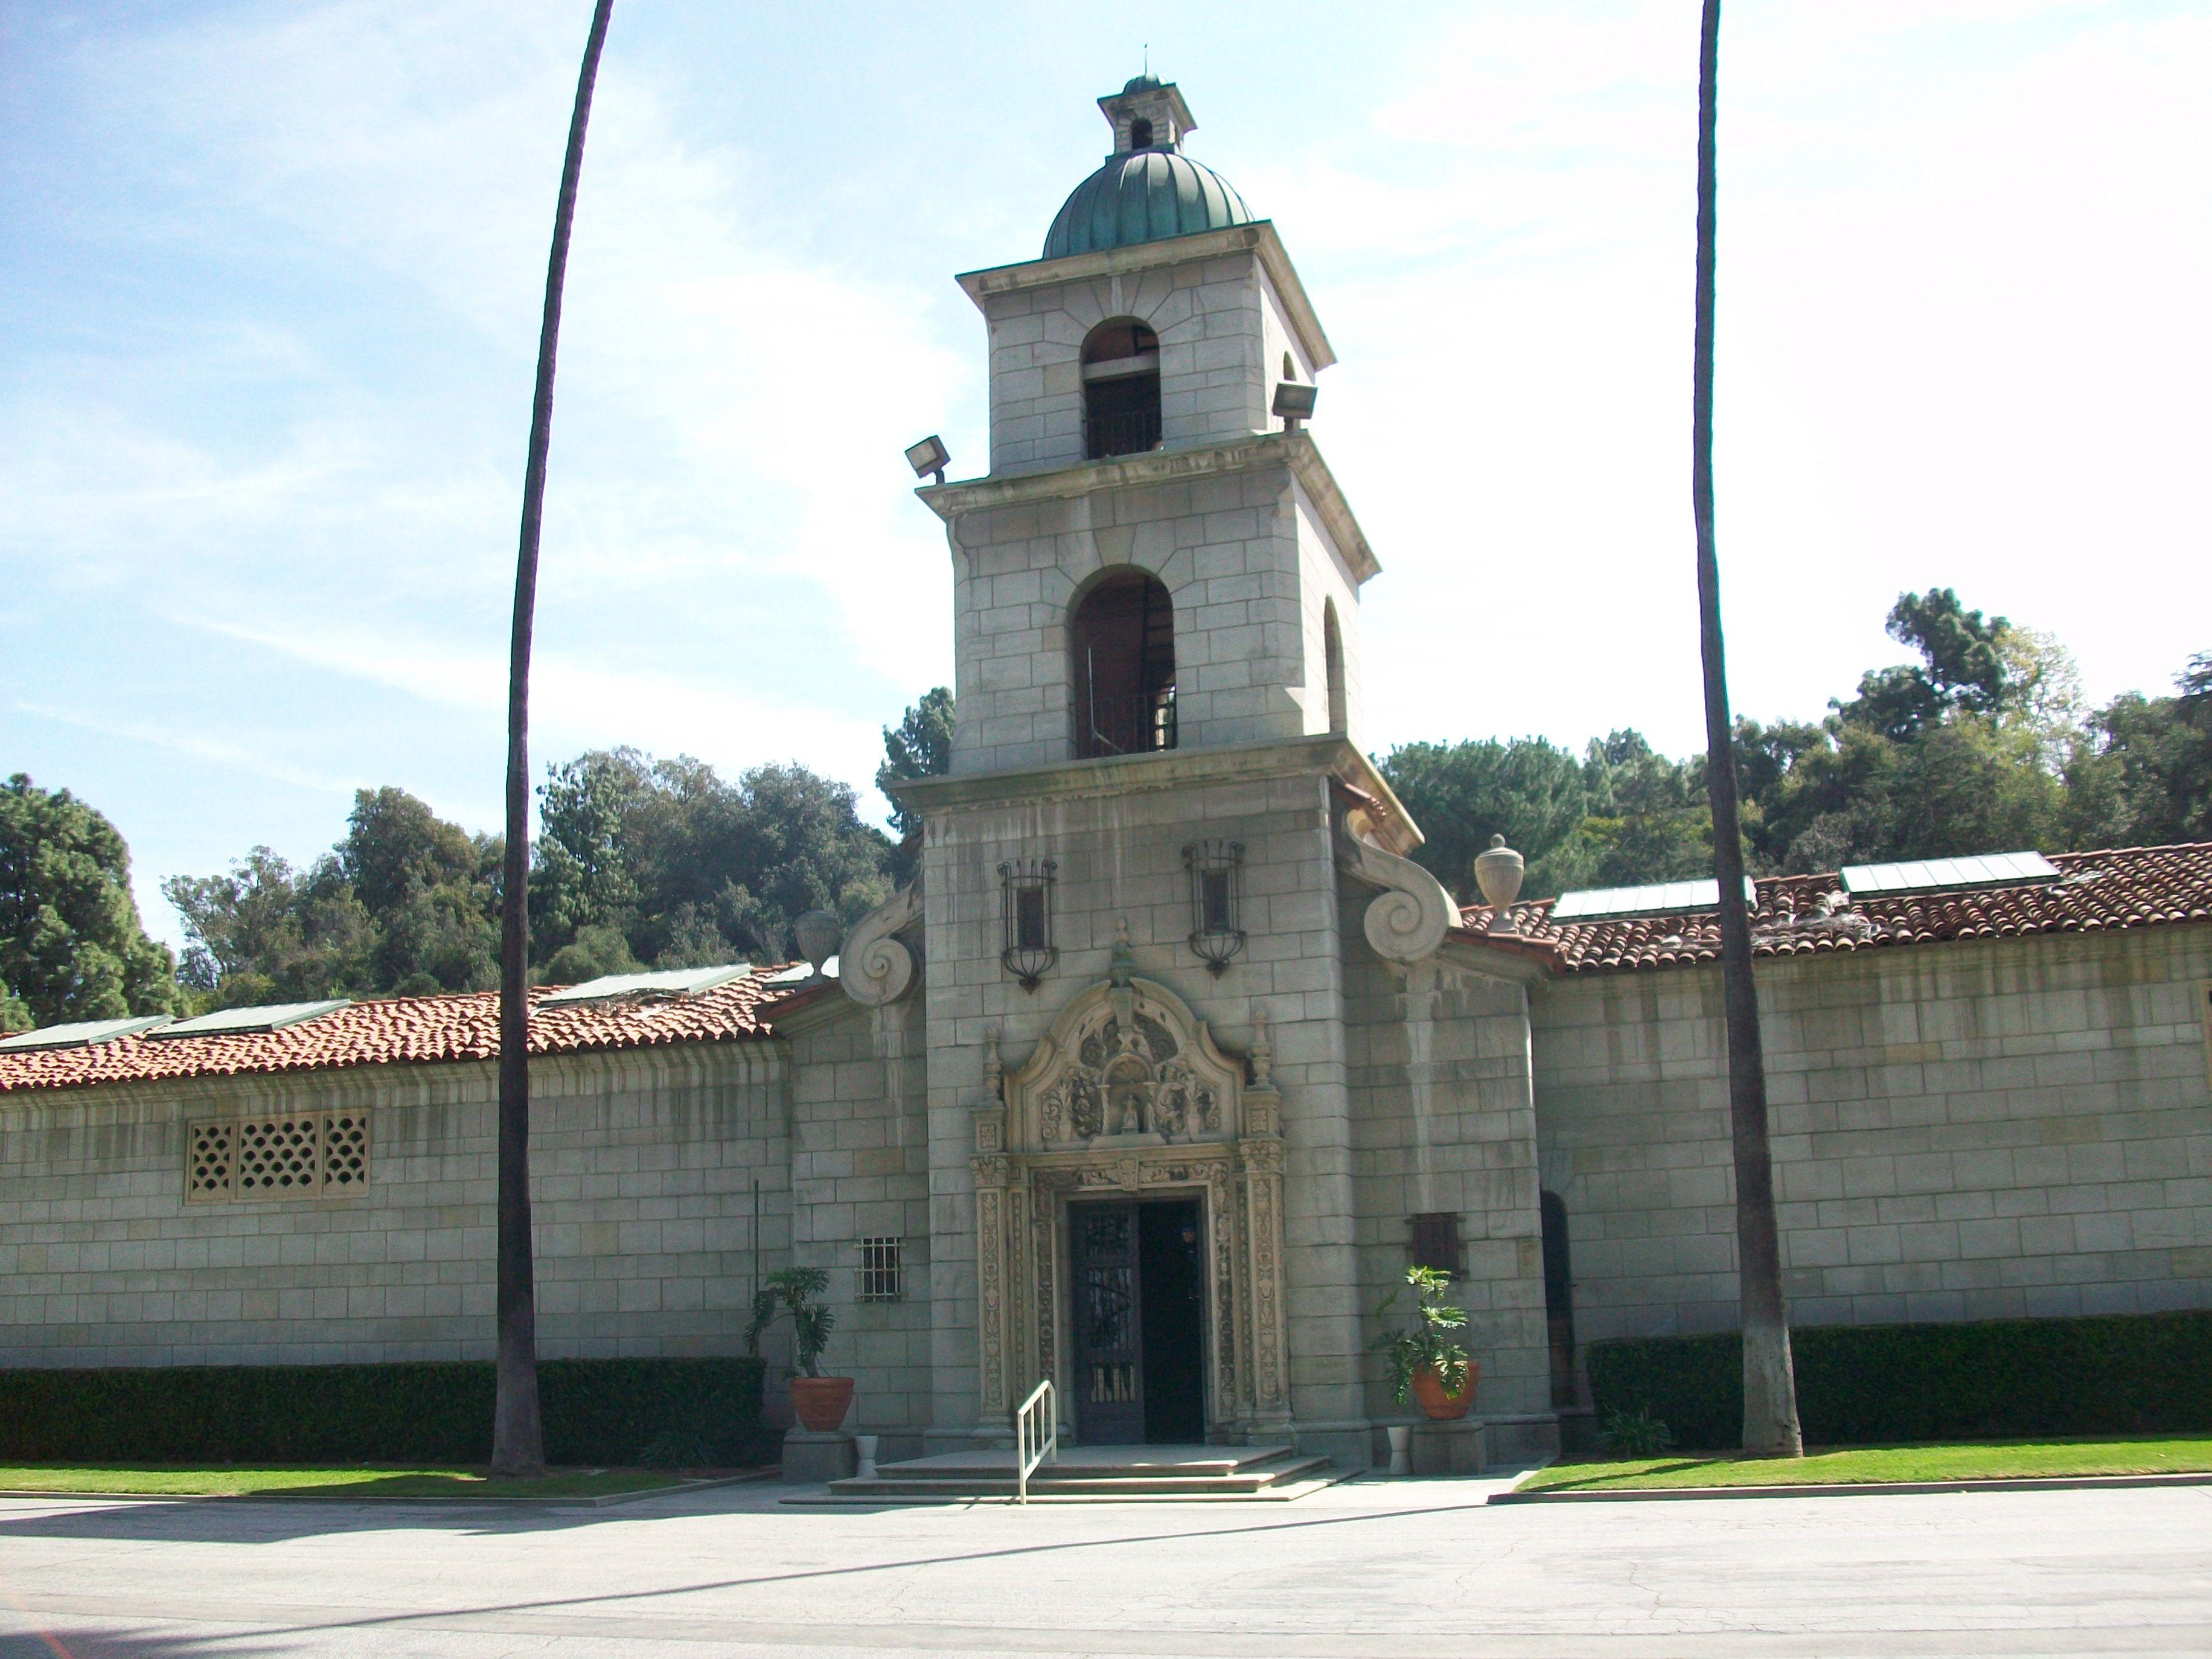 El Portal De La Paz Mausoleum Est 1930 Rose Hills Whittier Calif Ferry Building San Francisco Whittier California Rose Hill